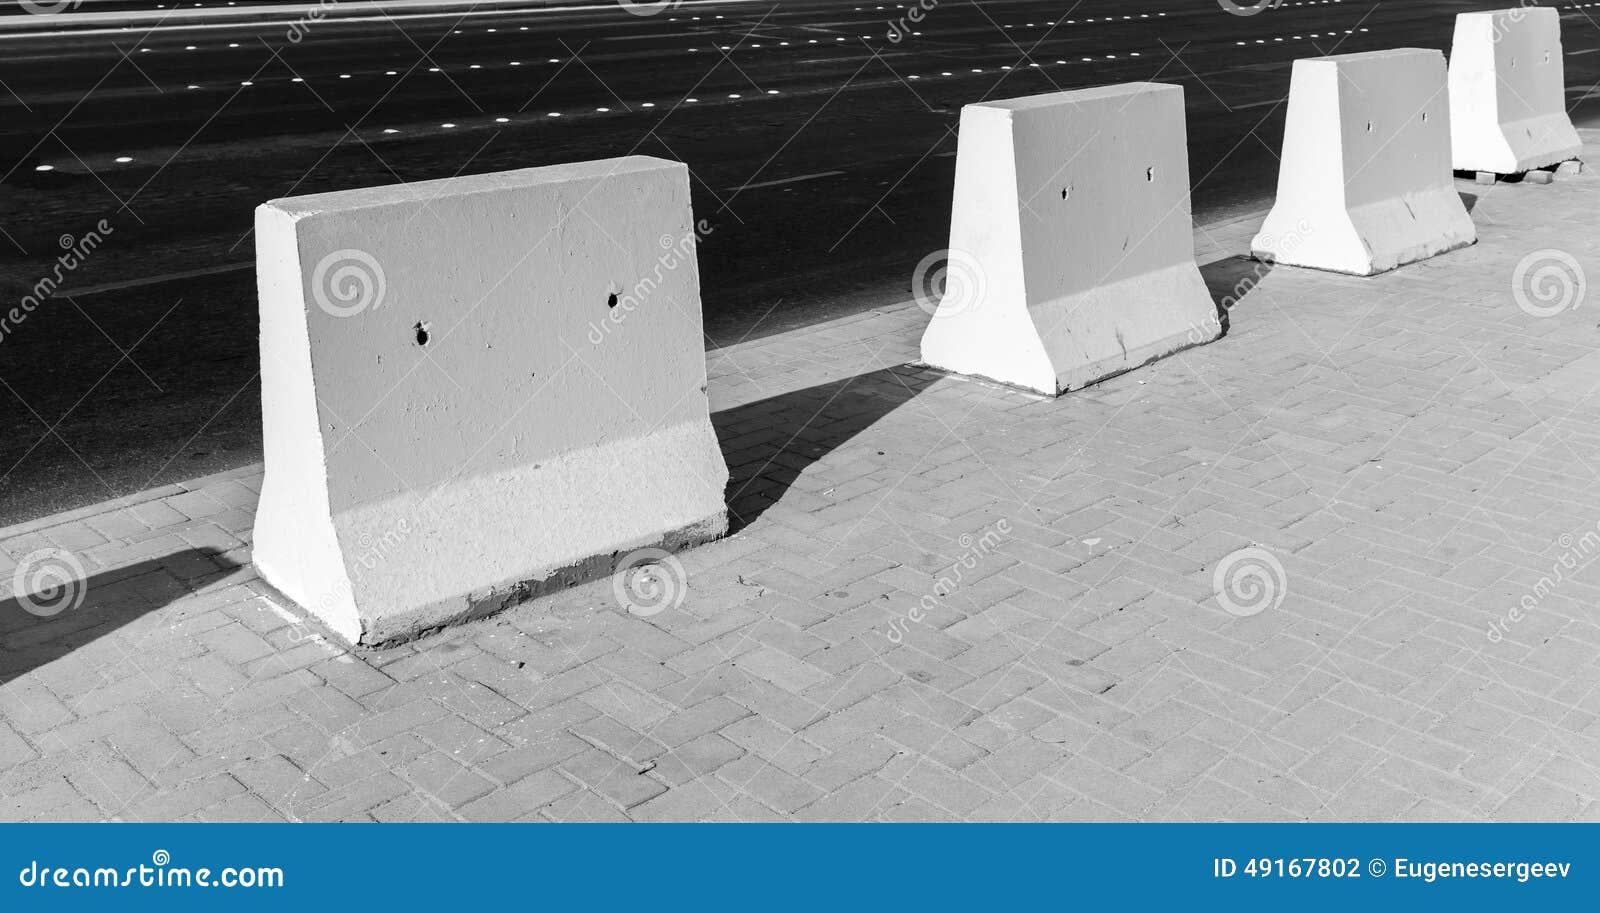 Straßensperre Weißer Betonblockstand auf Straßenrand